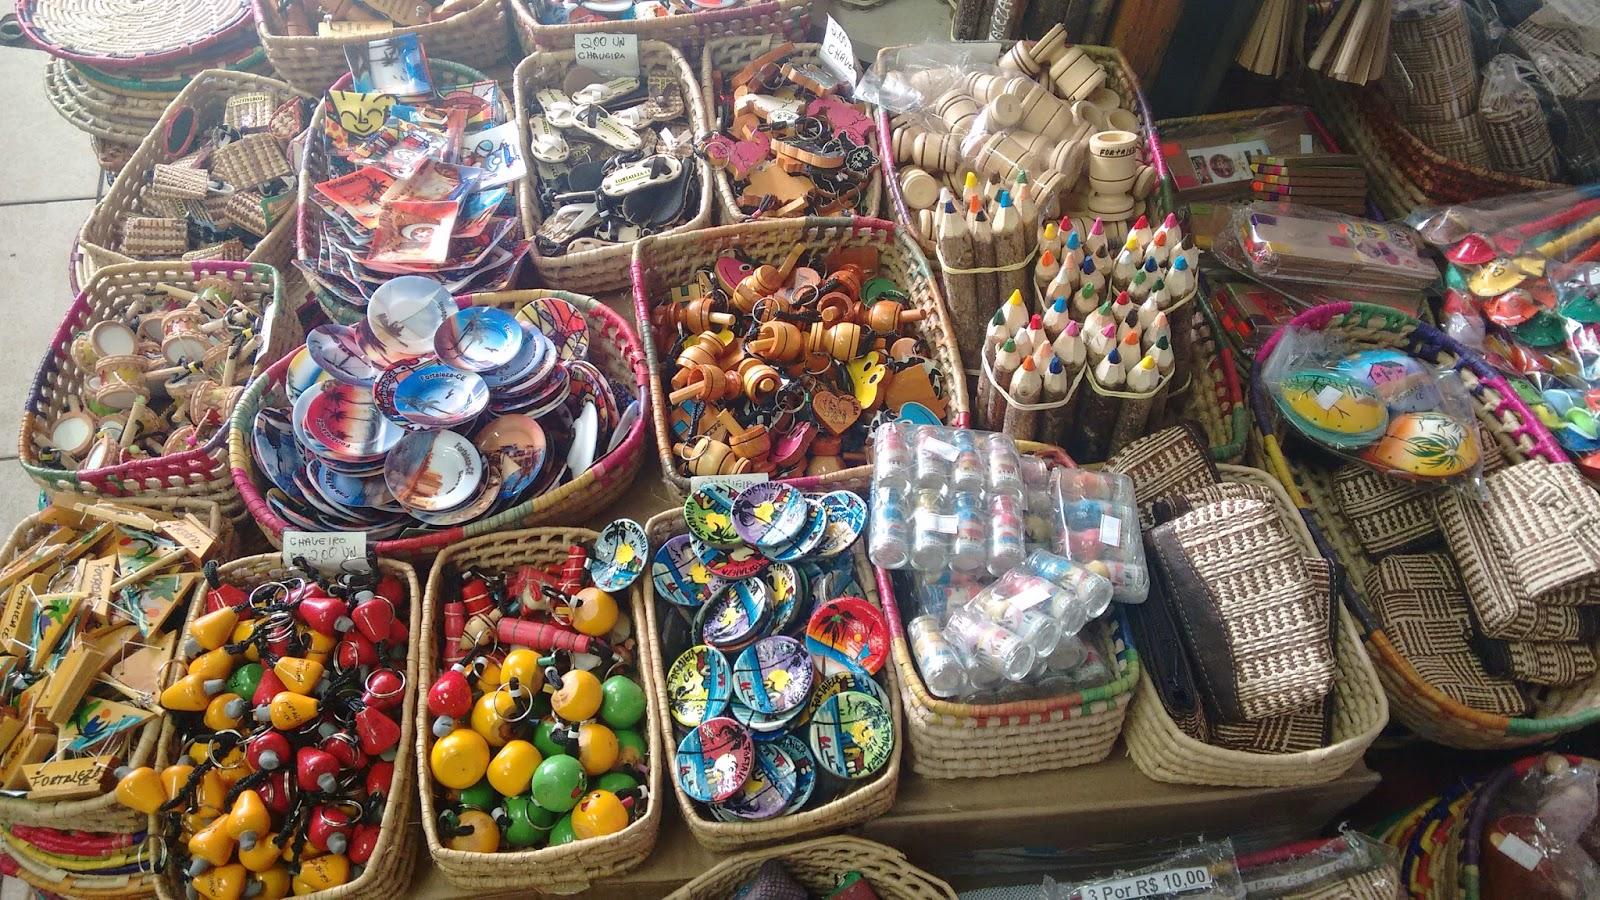 Artesanato Da Região Sul Resumo ~ Tem que ir Feiras, compras e artesanatos em Fortaleza Listamos os melhores lugares!